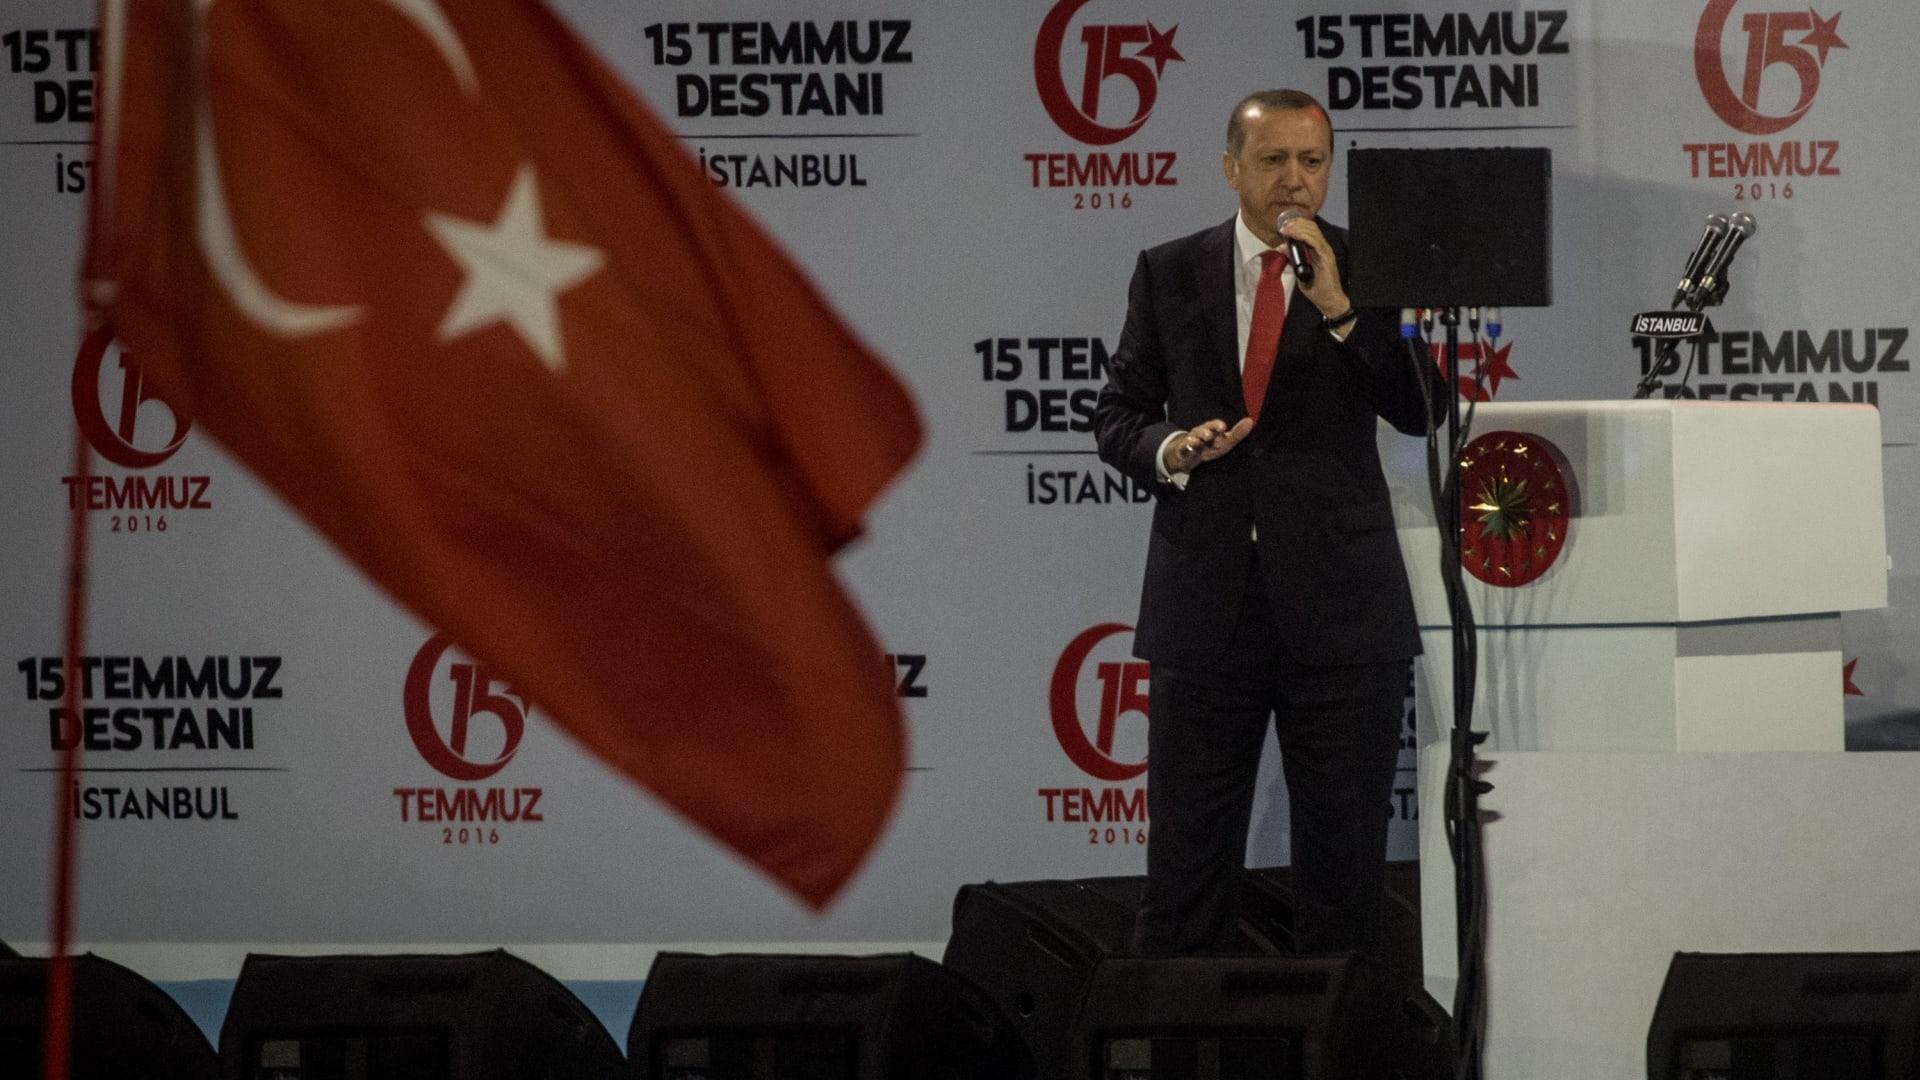 أردوغان بذكرى الانقلاب الفاشل: سنقطع رؤوس الخونة